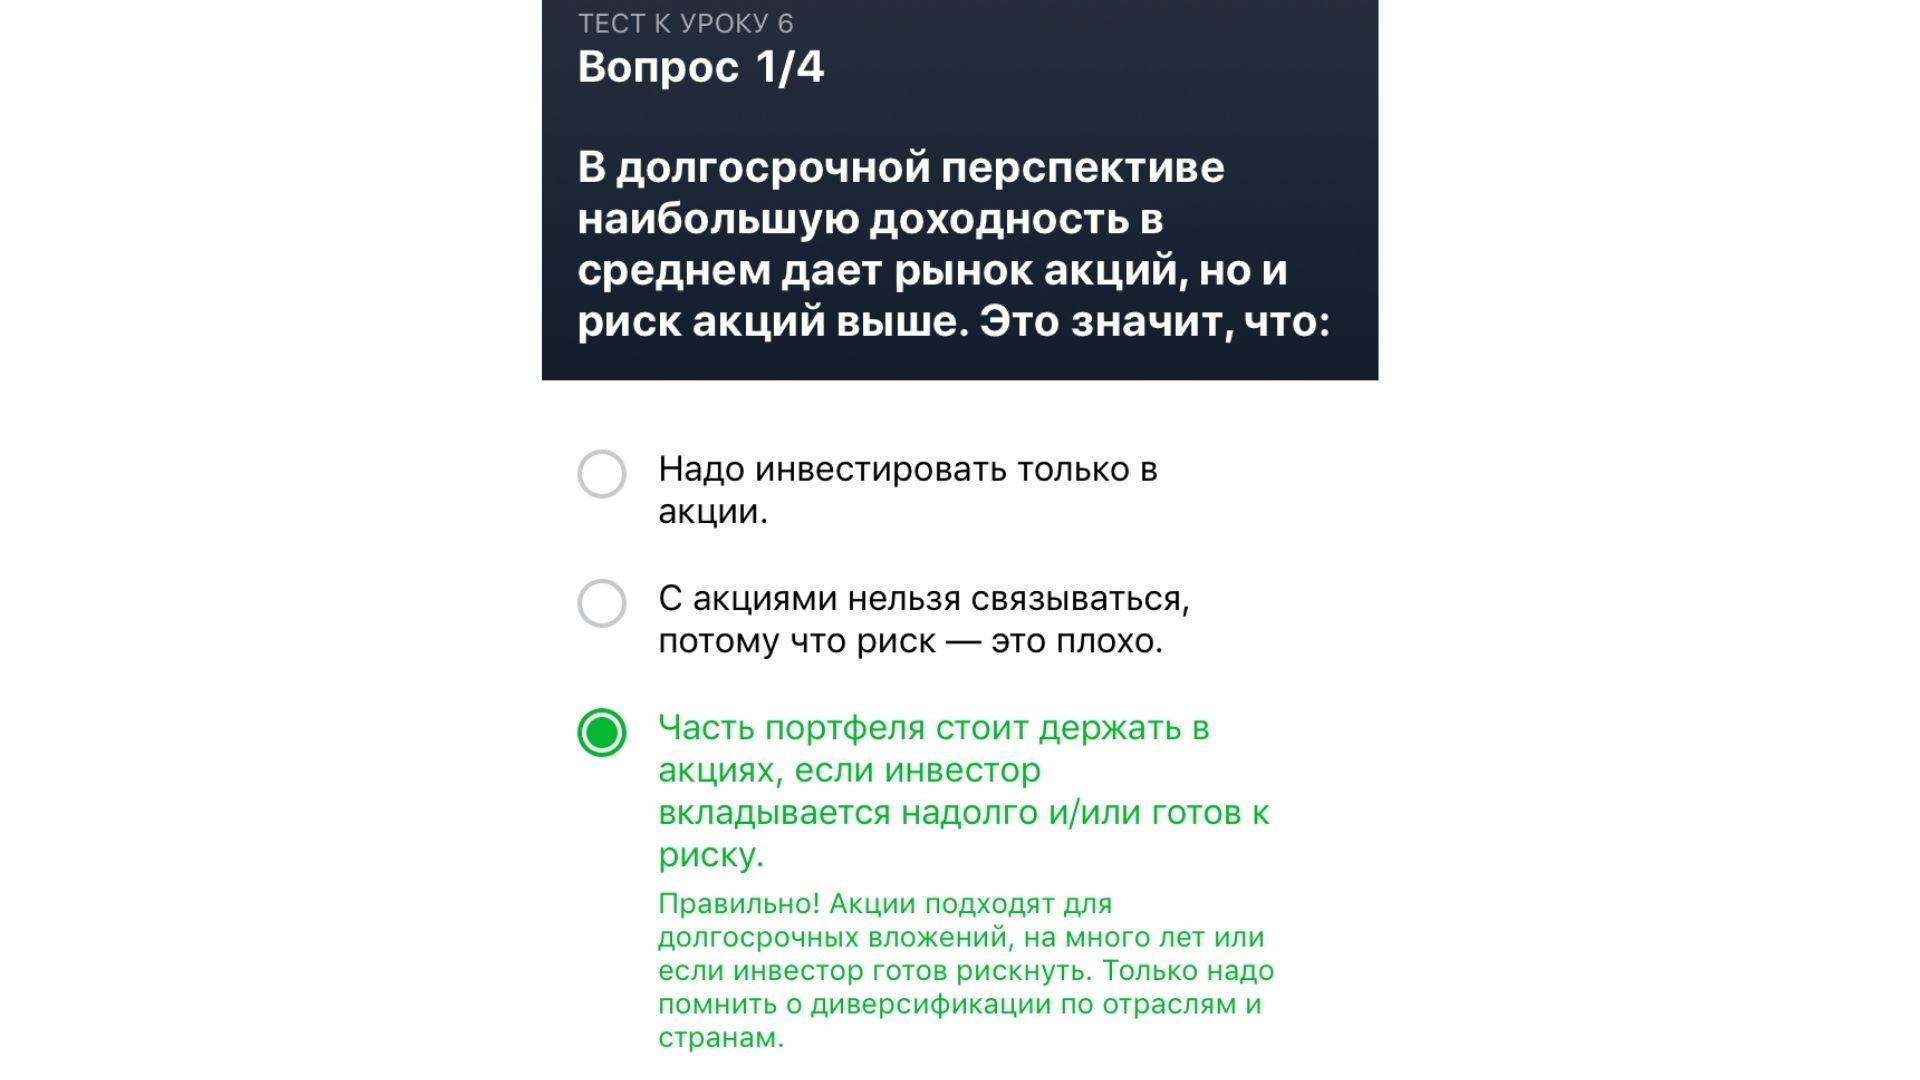 Урок 6. Мой ответ на вопрос теста Тинькофф Инвестиции